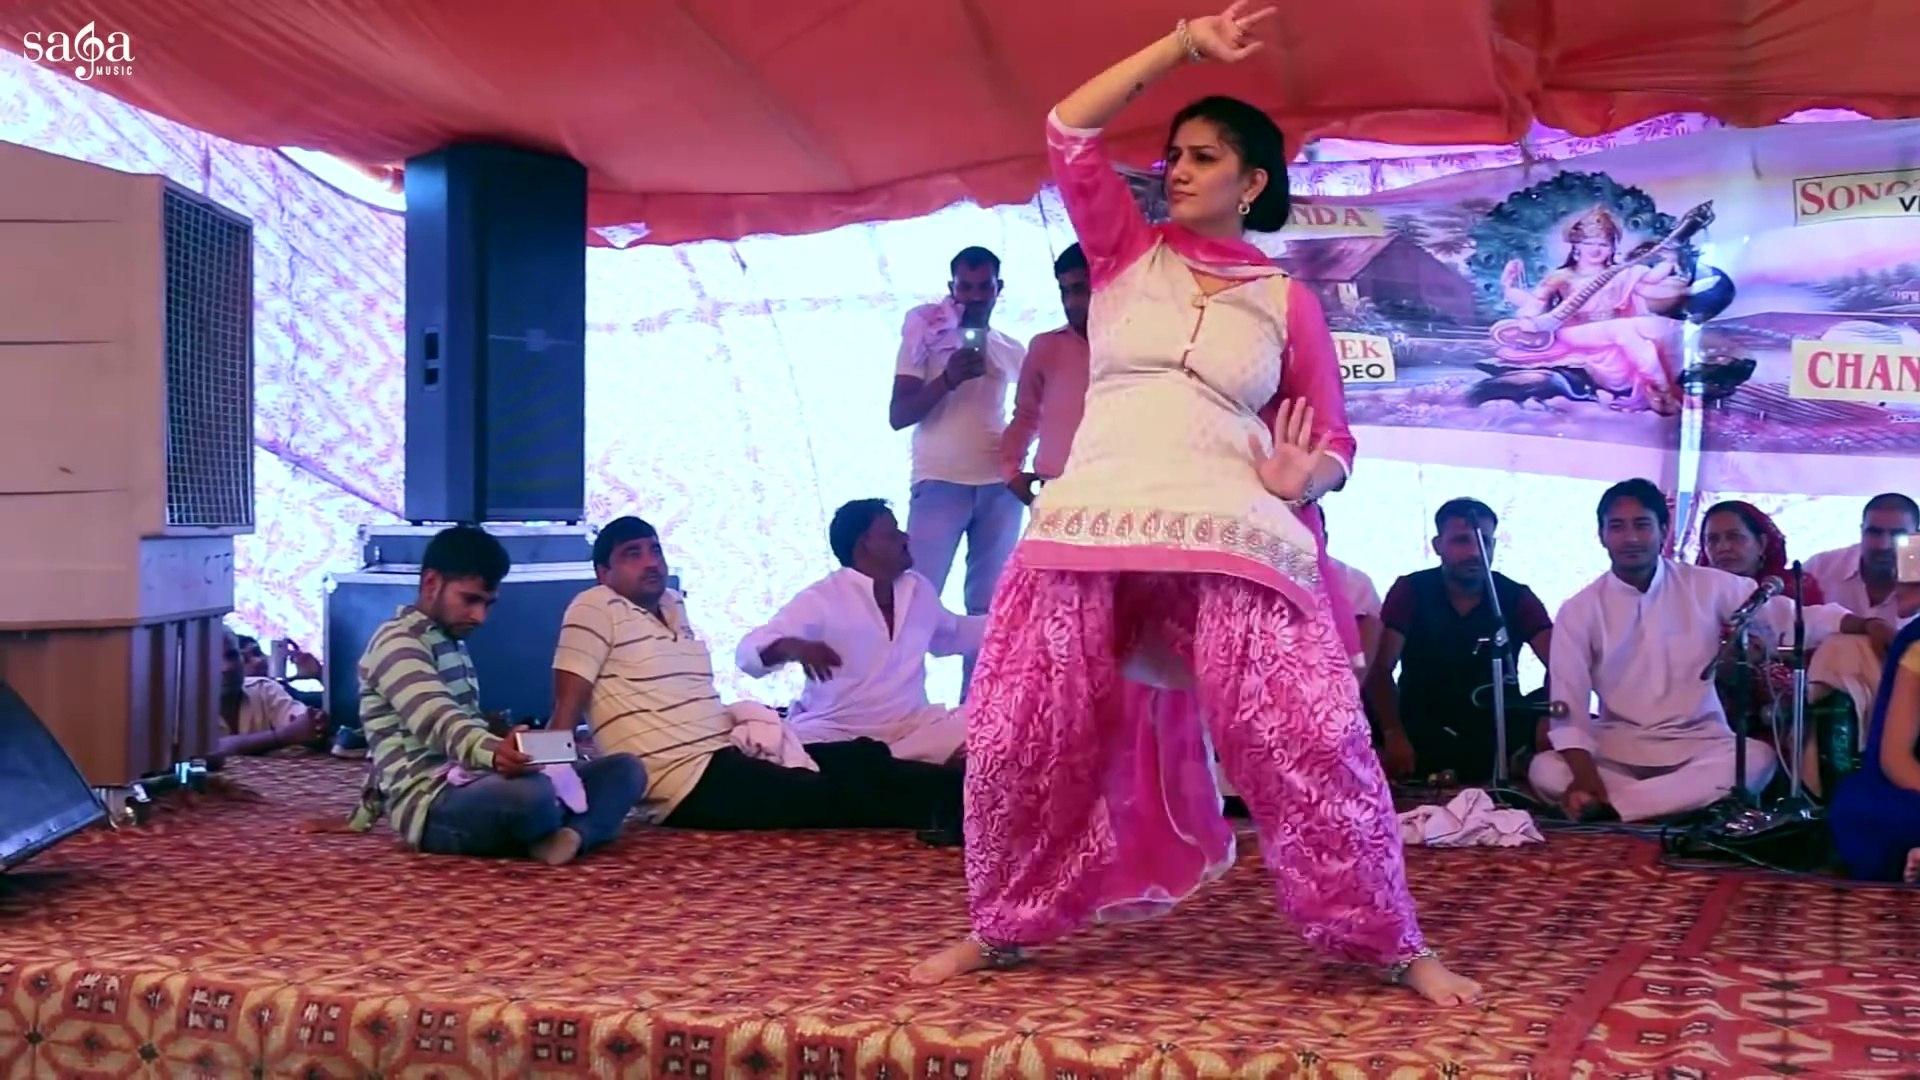 सपना का अब तक का सबसे सुपर सेक्सी डांस | Hot Sexy Dance Of Sapna Chaudhary | Sapna Chaudhary Hot Dan